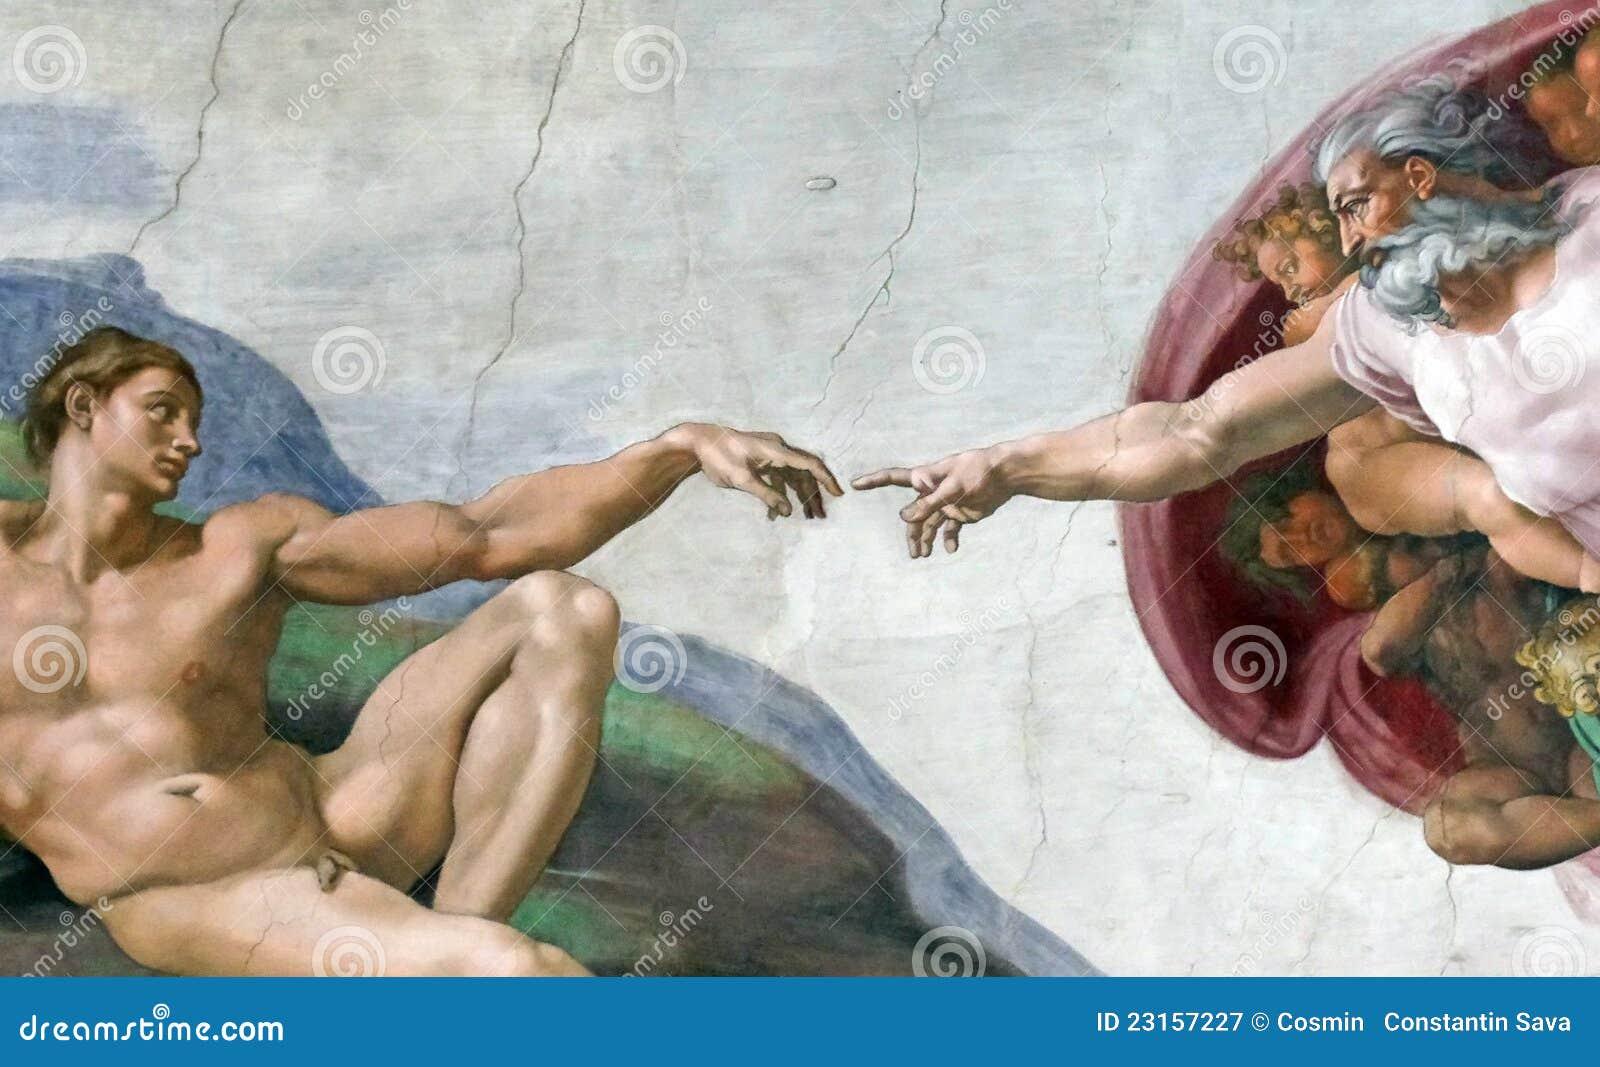 Image result for god's finger